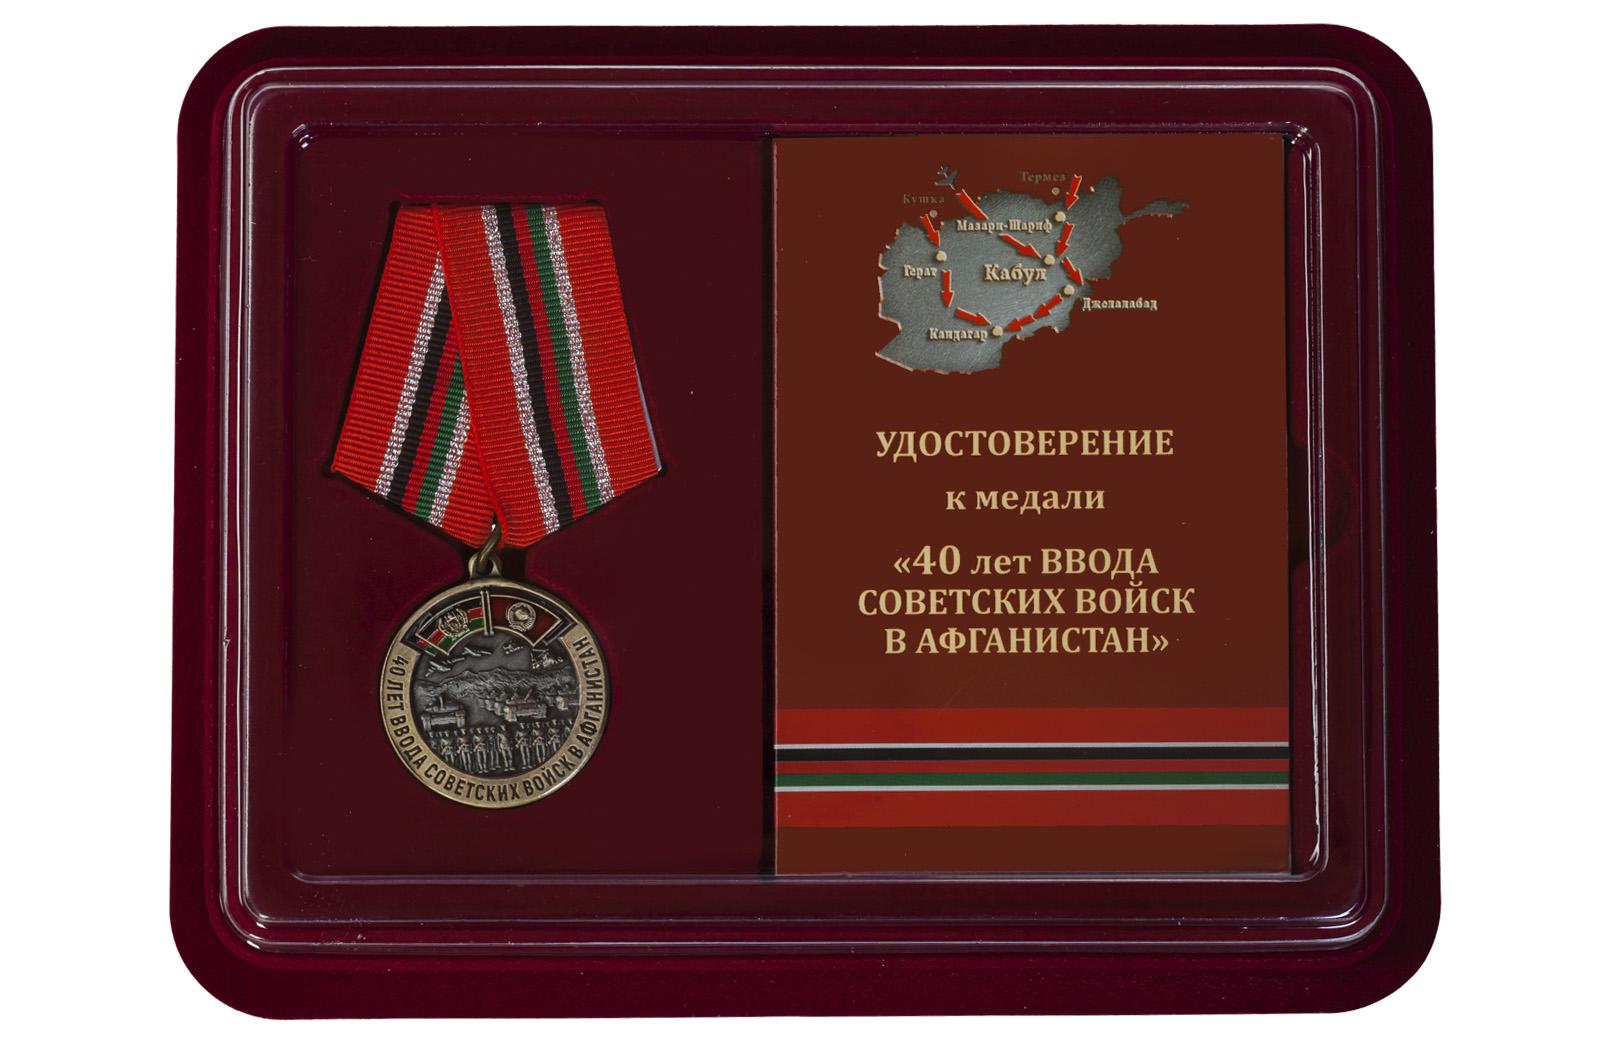 Медаль 40-летие ввода Советских войск в Афганистан